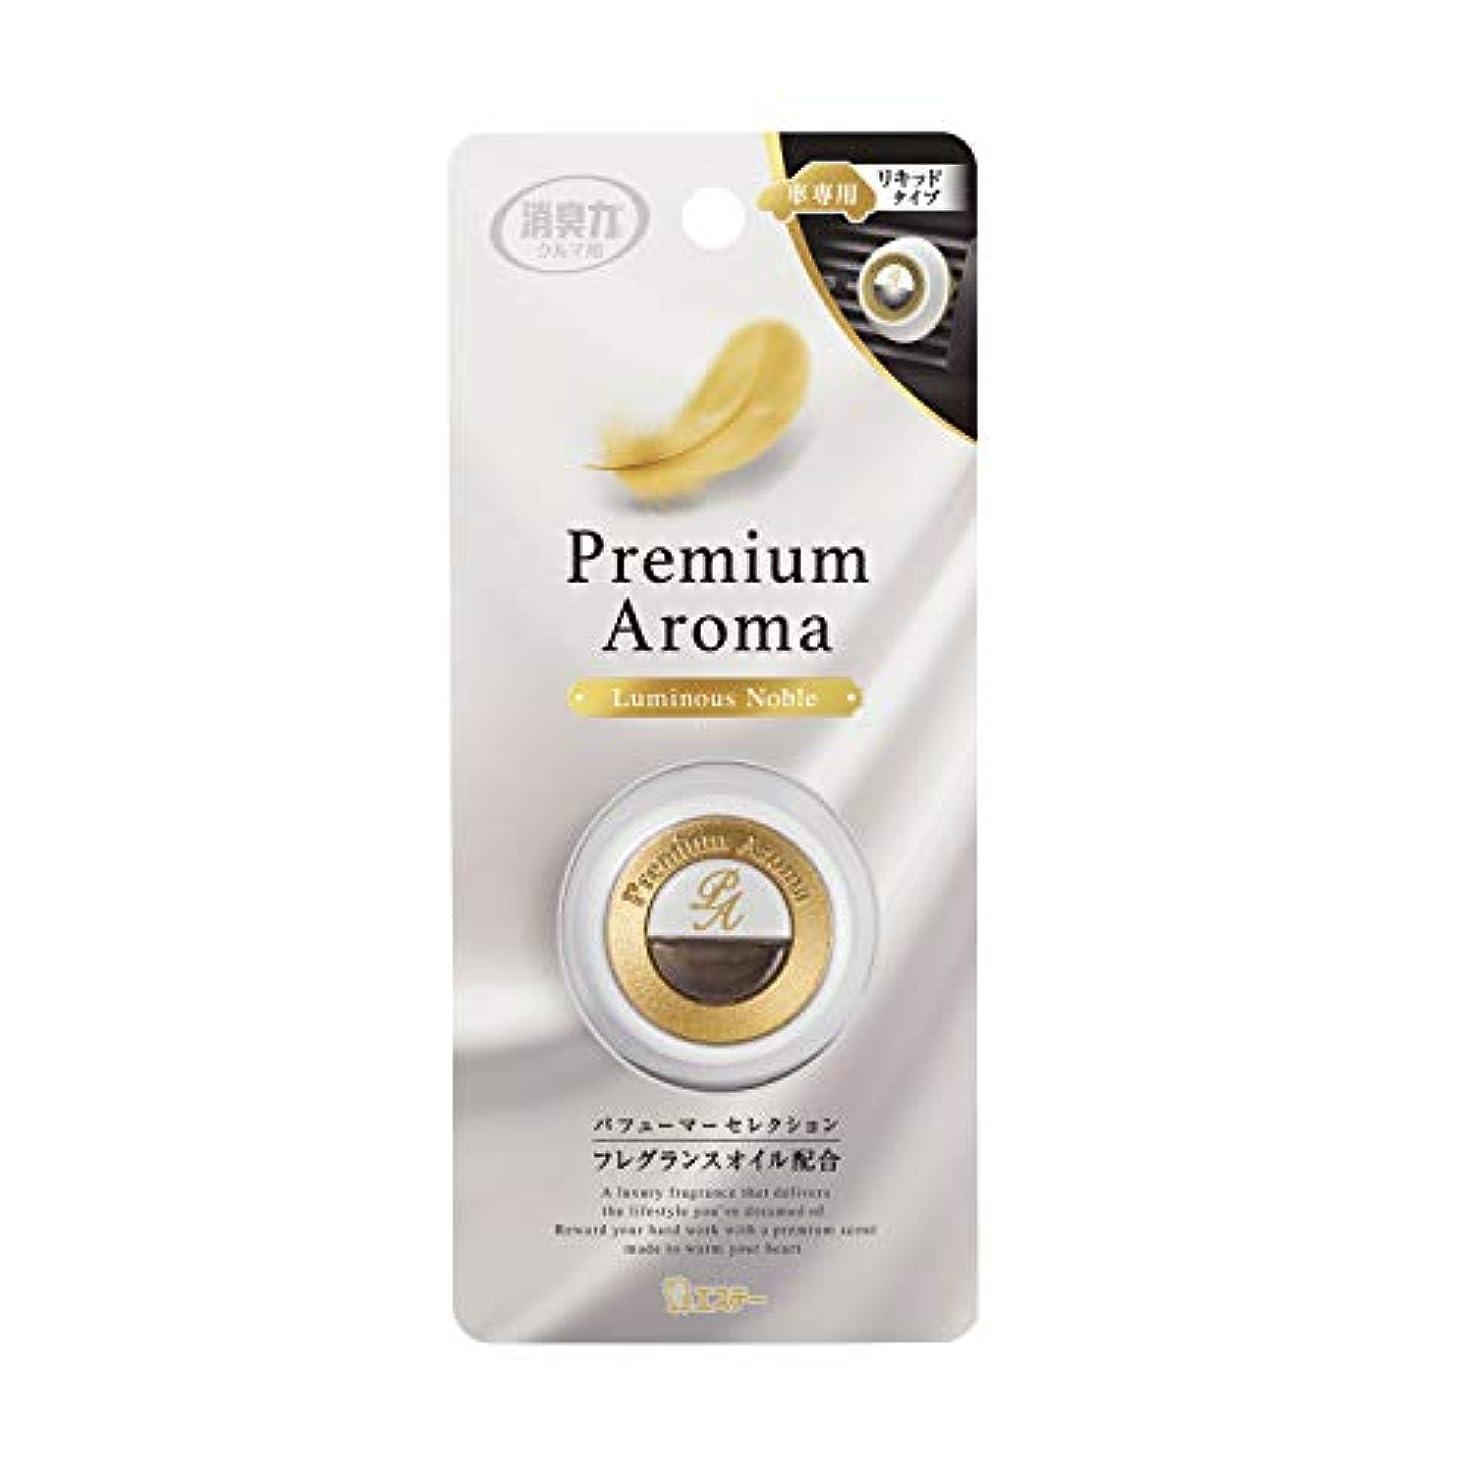 赤字効能終了しましたエステー クルマの消臭力 Premium Aroma プレミアムアロマ クリップリキッドタイプ ルミナスノーブル 2ml